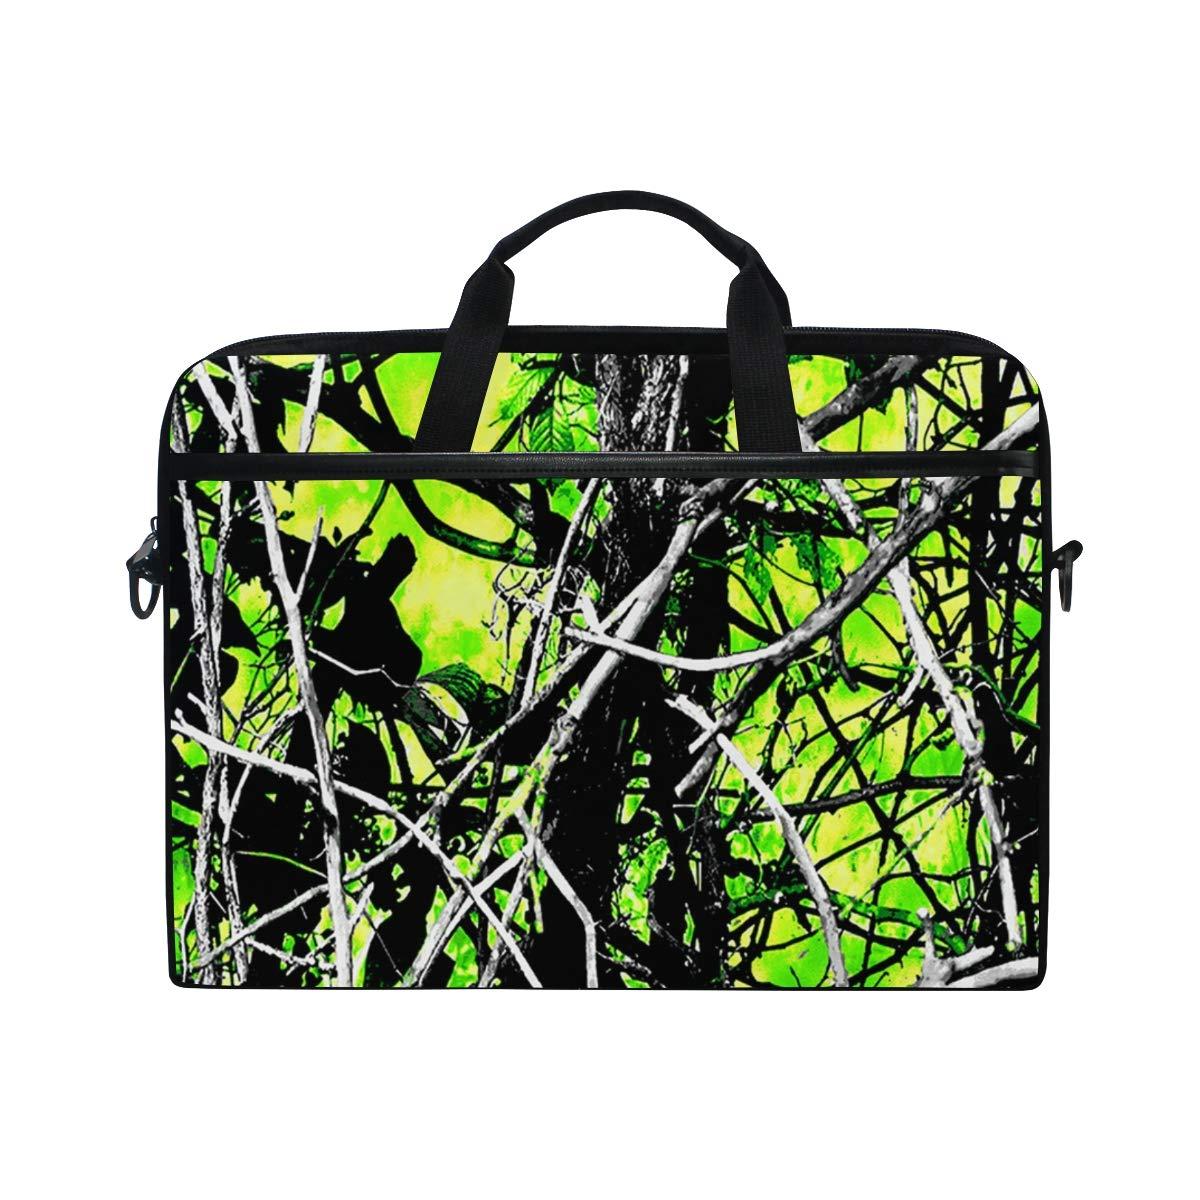 09effd933db1 Amazon.com: Muddy Girl Camo Green Athletic Laptop Bag Travel ...